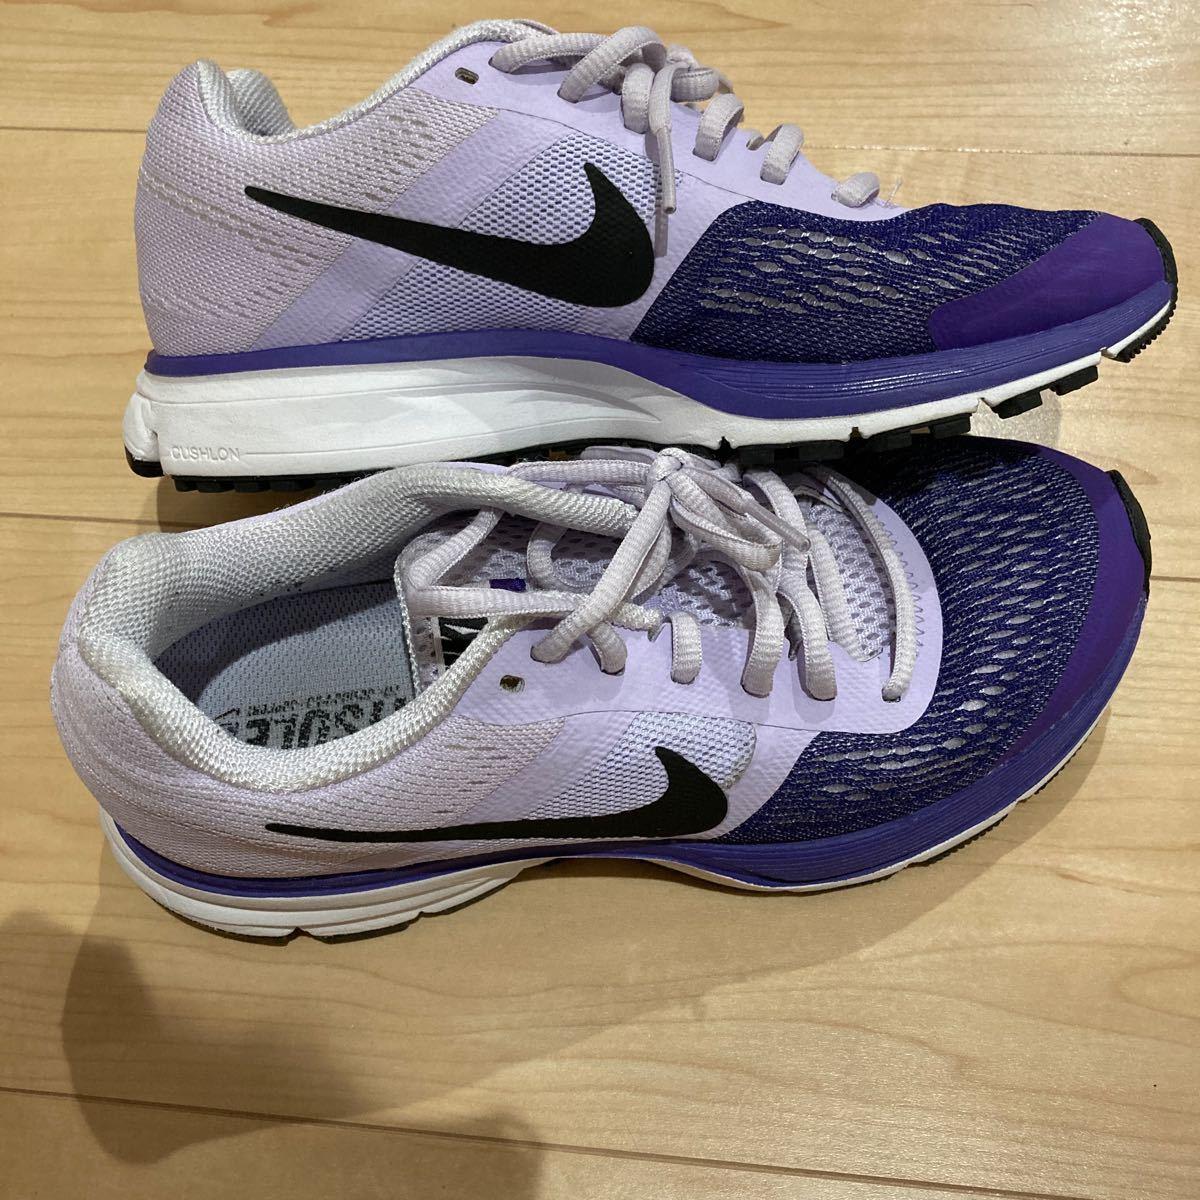 【うみ様専用】ナイキNIKEトレーニングシューズ運動靴ランニングシューズスニーカーレディース23.0cm